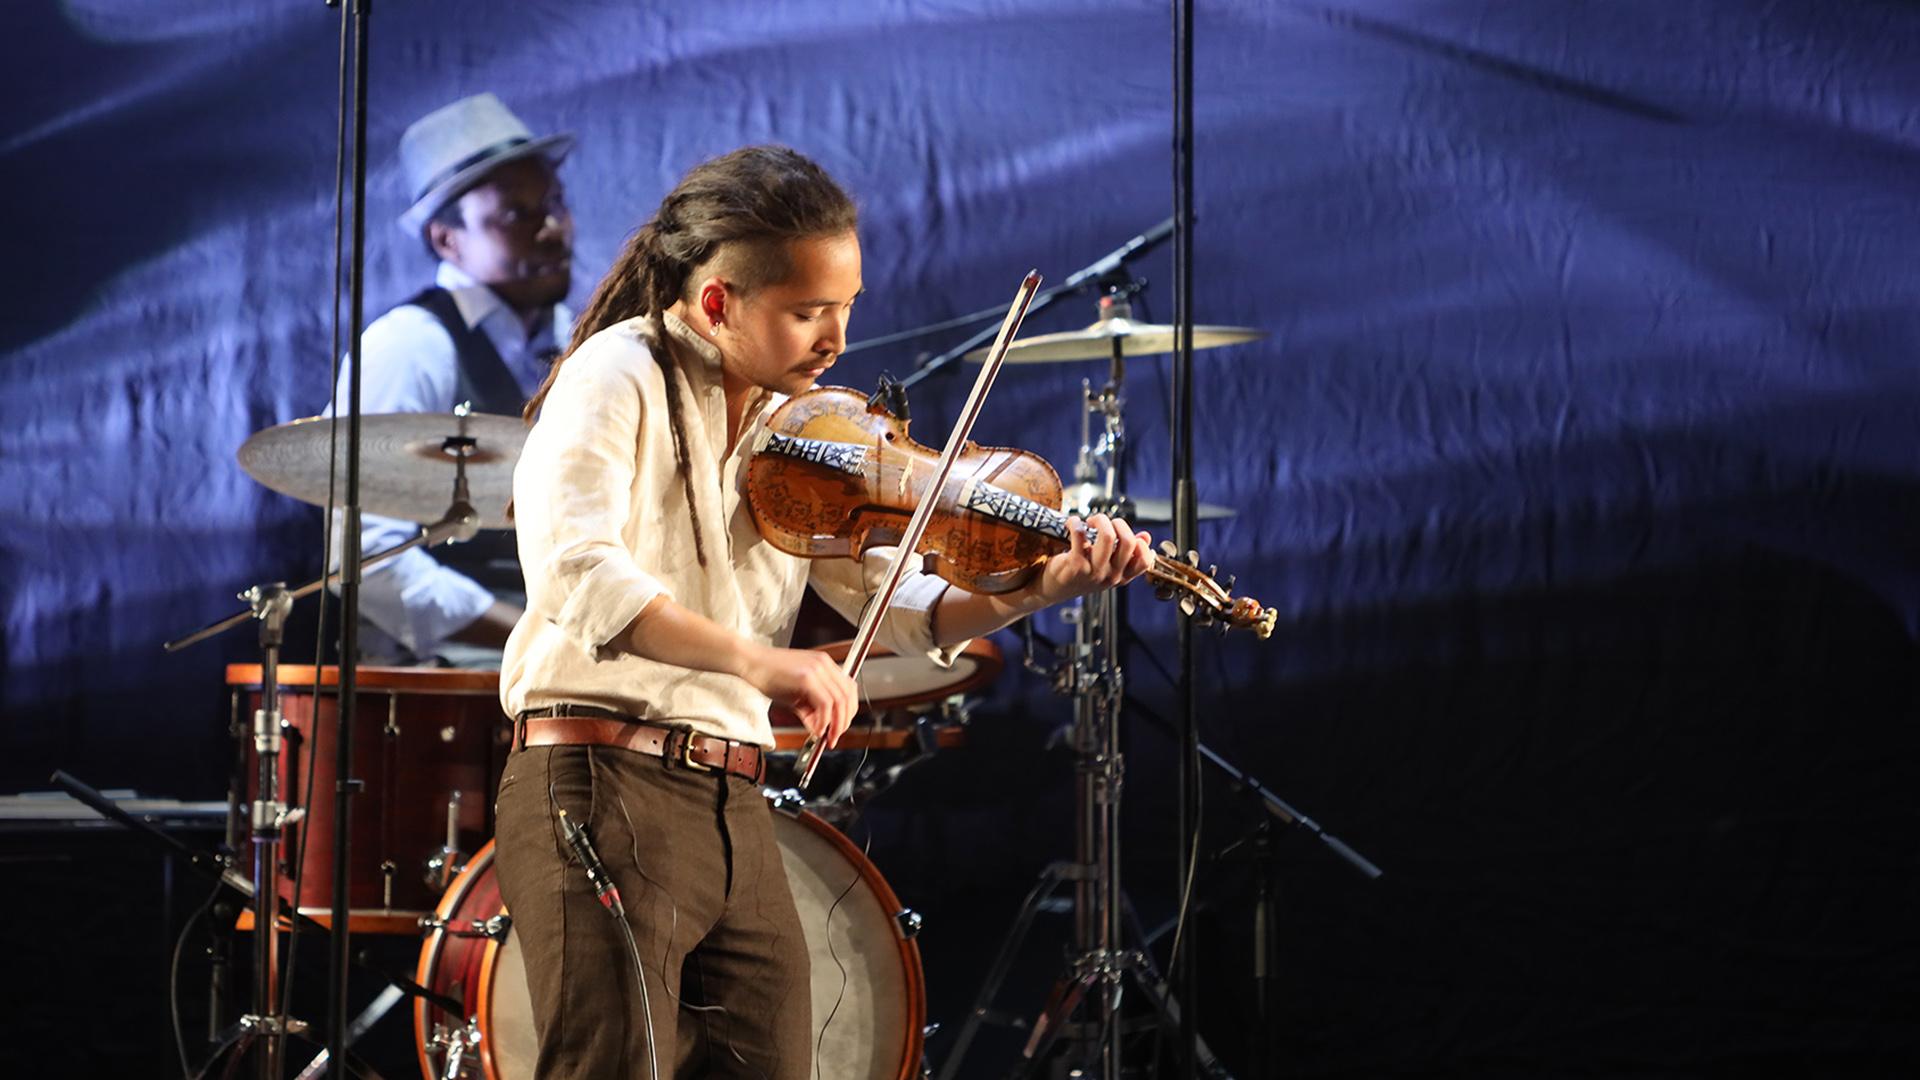 Oscar Beerten Sapion soittaa viulua The Boat Floats with Goats -konsertissa Global Spring -festivaalilla